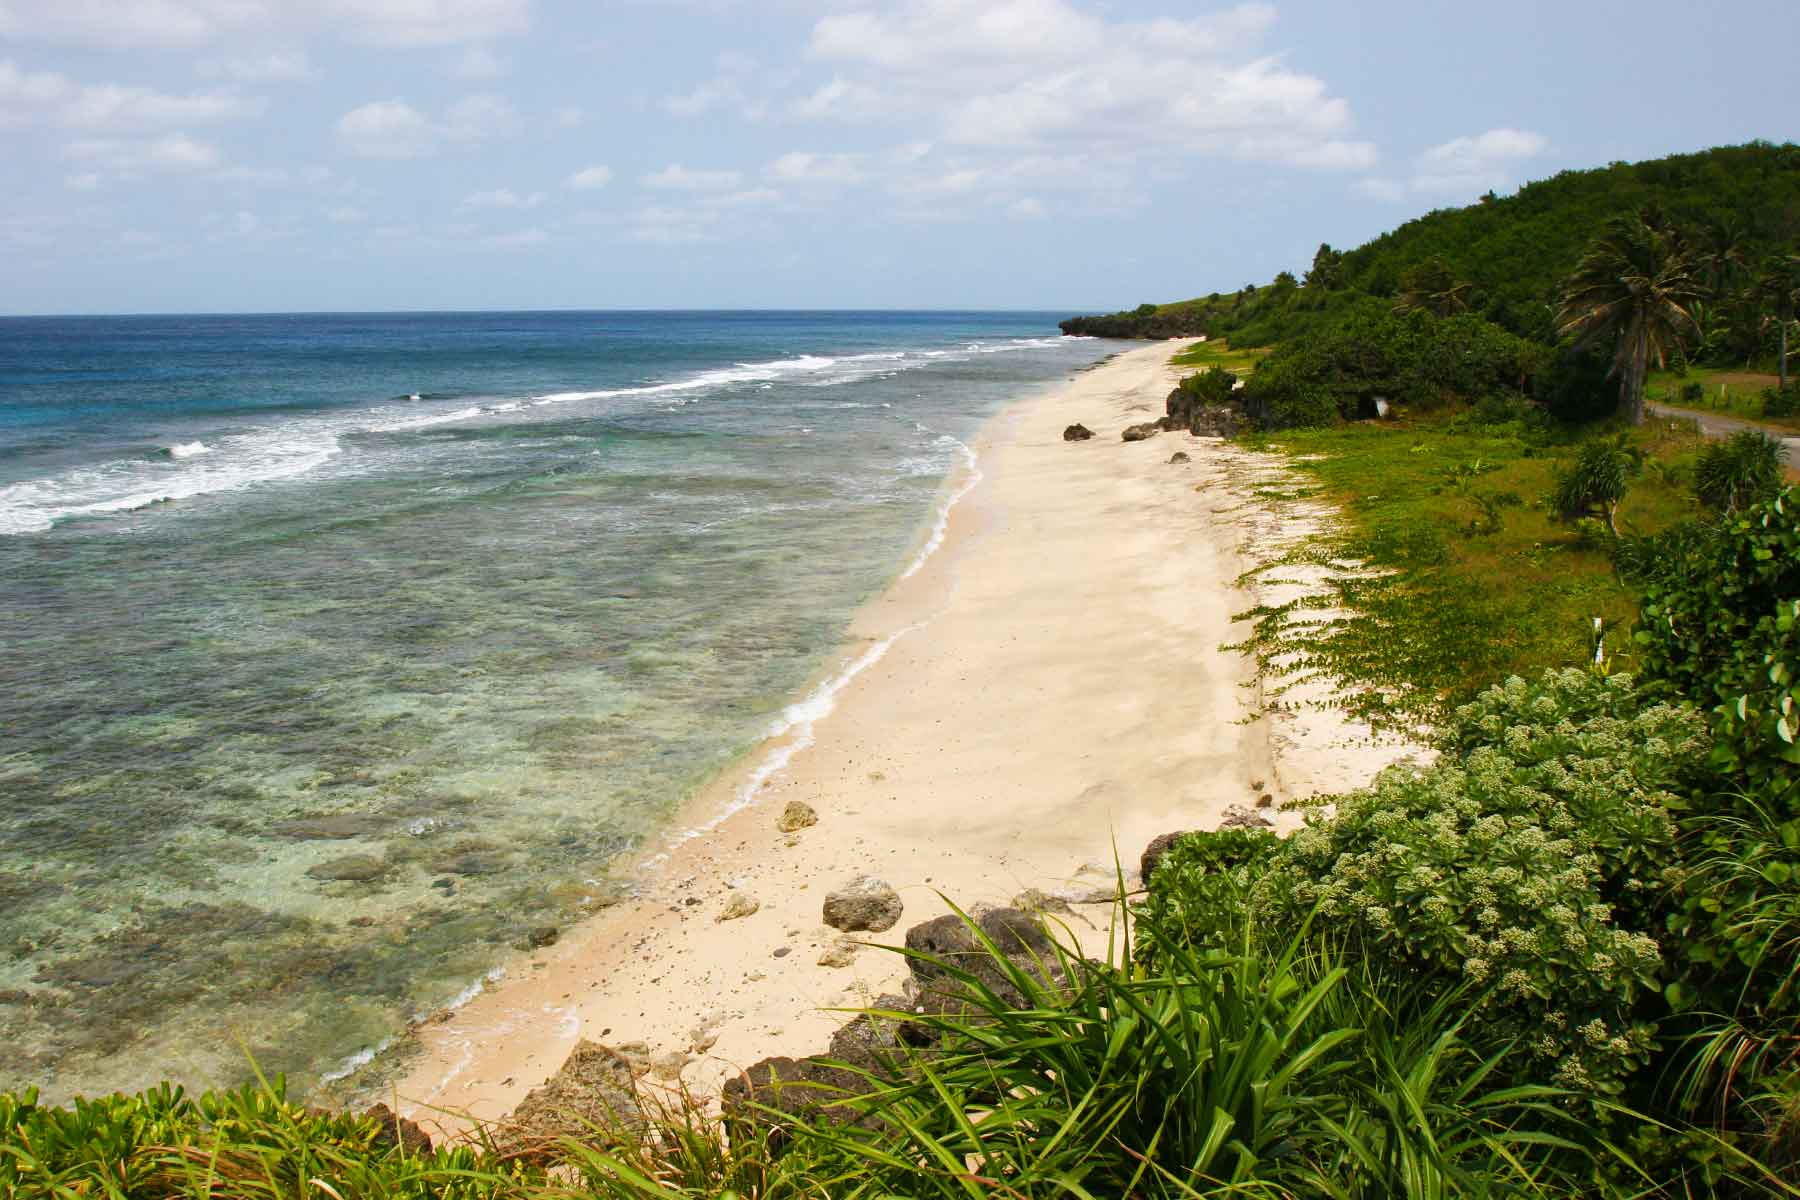 Batan Island beach - Batanes Islands Cultural Atlas Photo Journal - Steven Andrew Martin